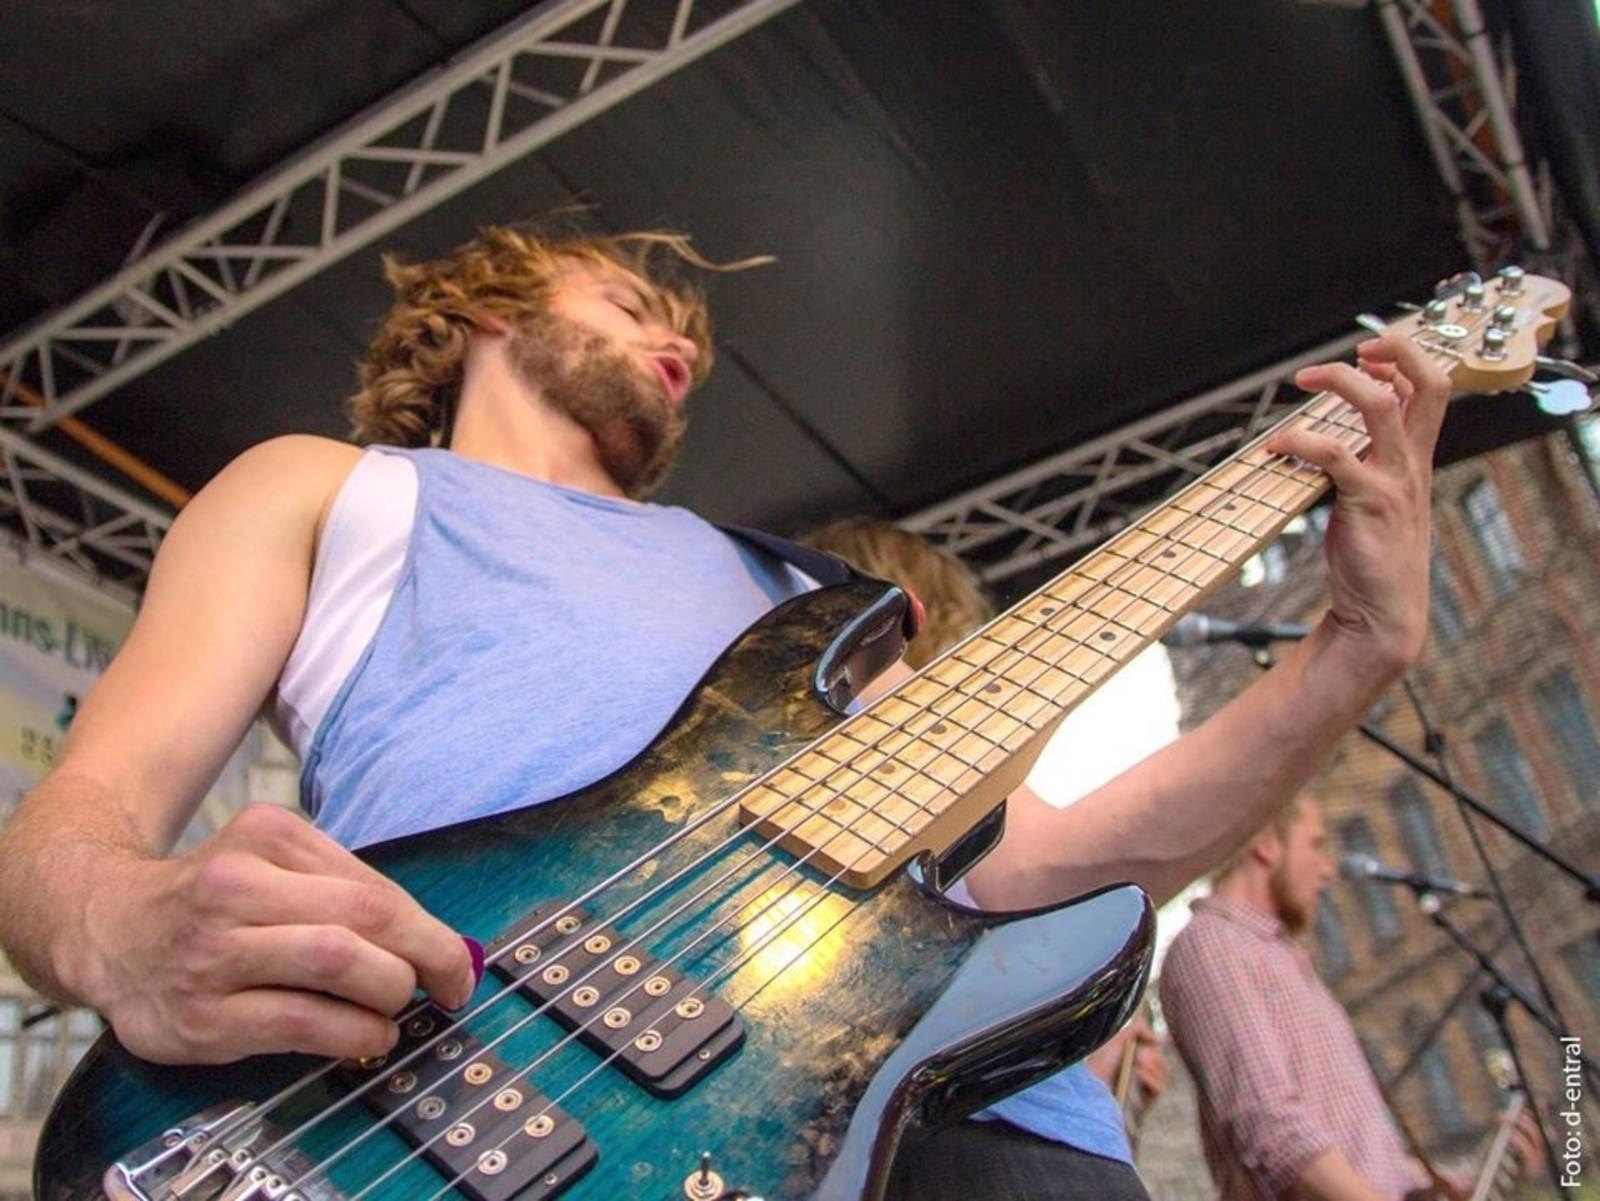 Mann mit einer Gitarre.